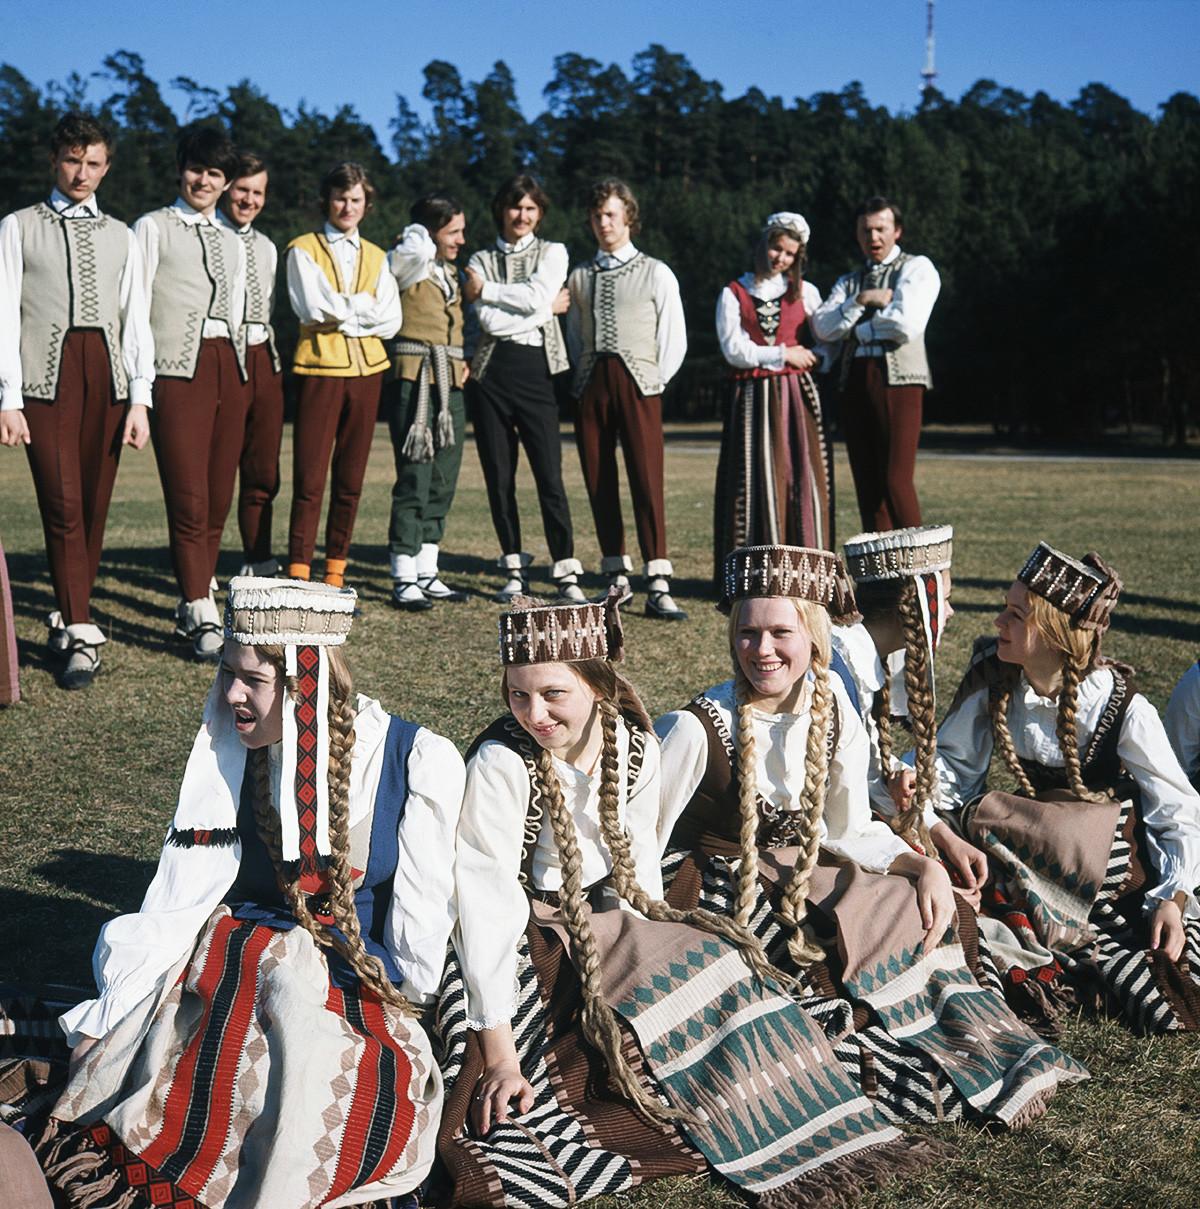 Ансамбль народного танца и песни Вильнюсского государственного университета, 1974 г.